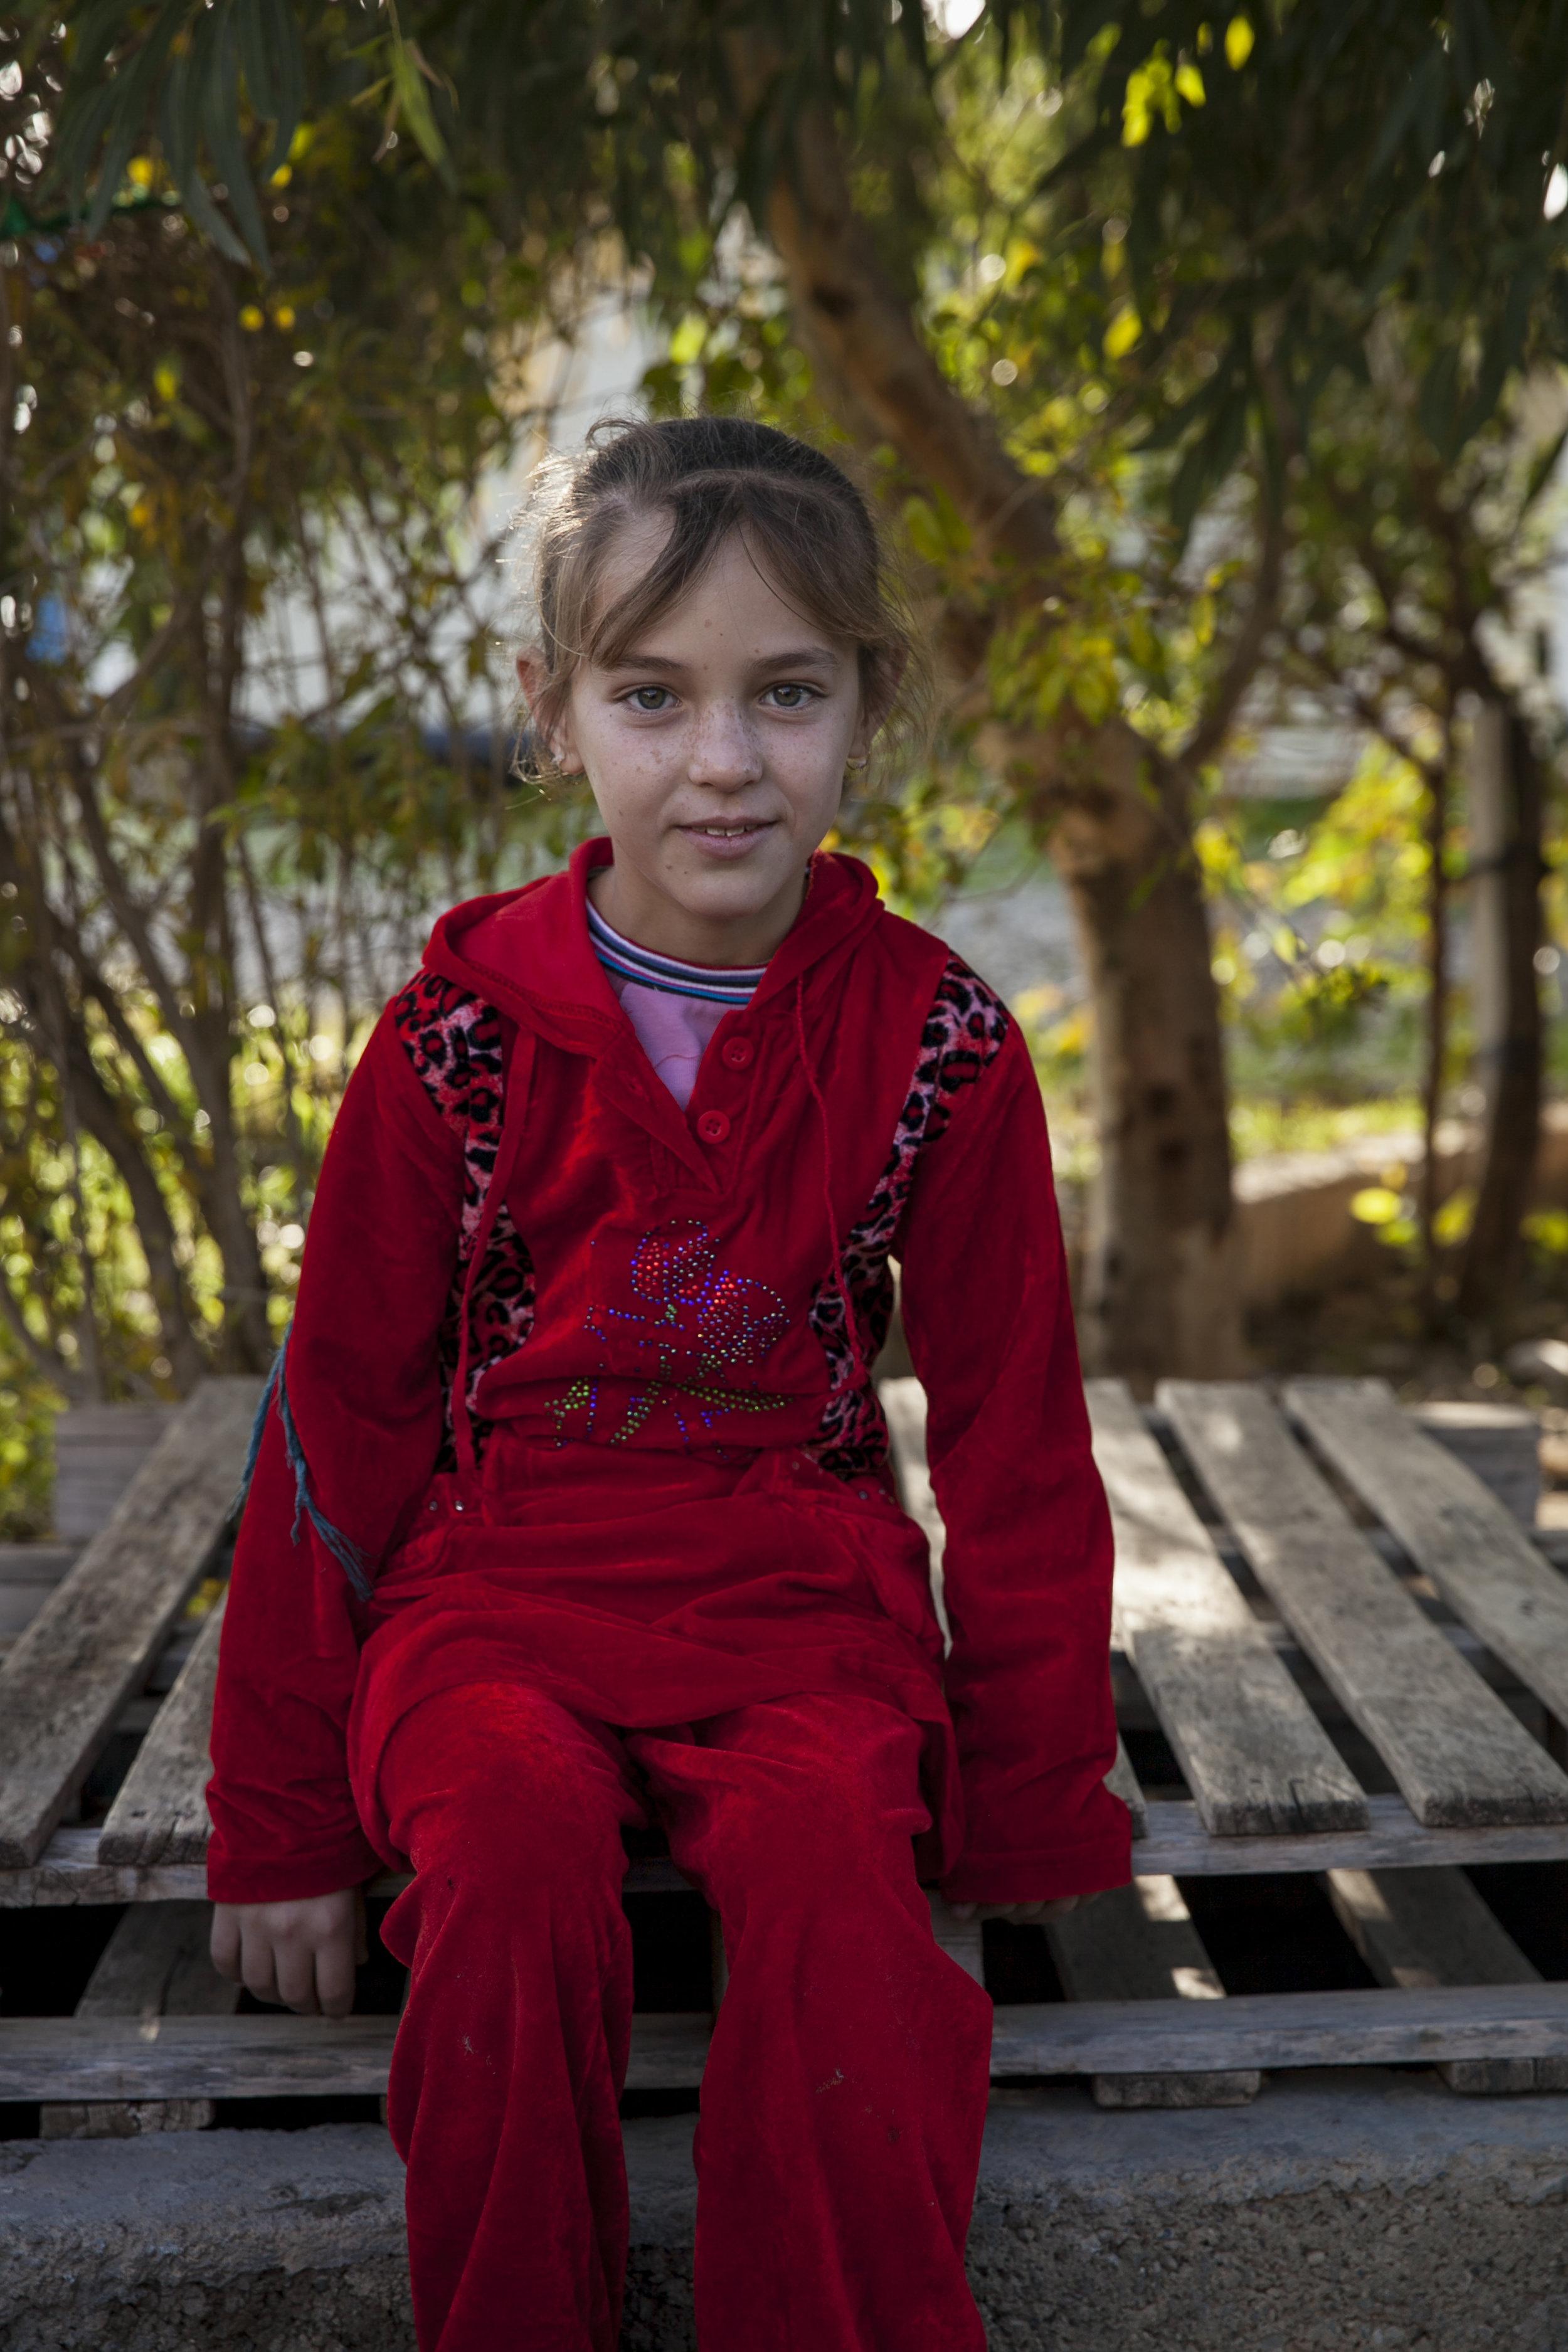 20141205_Refugee_GH_0469.jpg